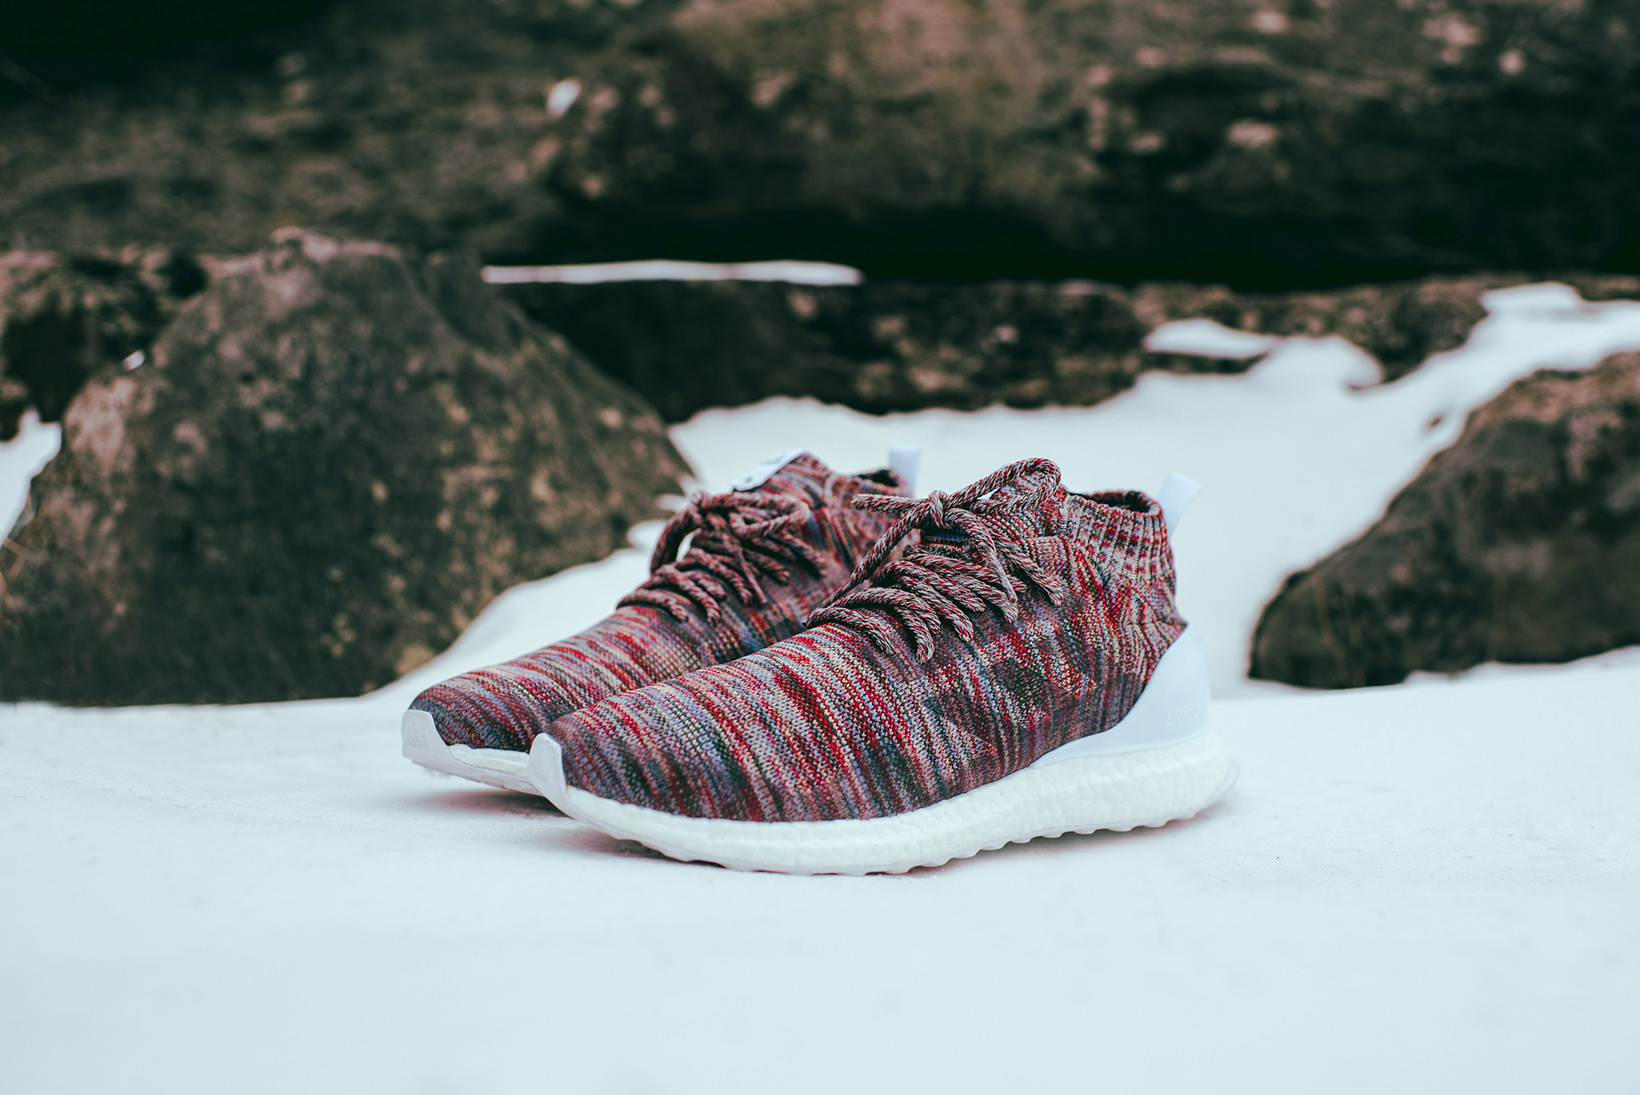 timeless design c78fc 90825 adidas Footwear Releases in 2017 ultra boost yeezy boost sneakers streetwear